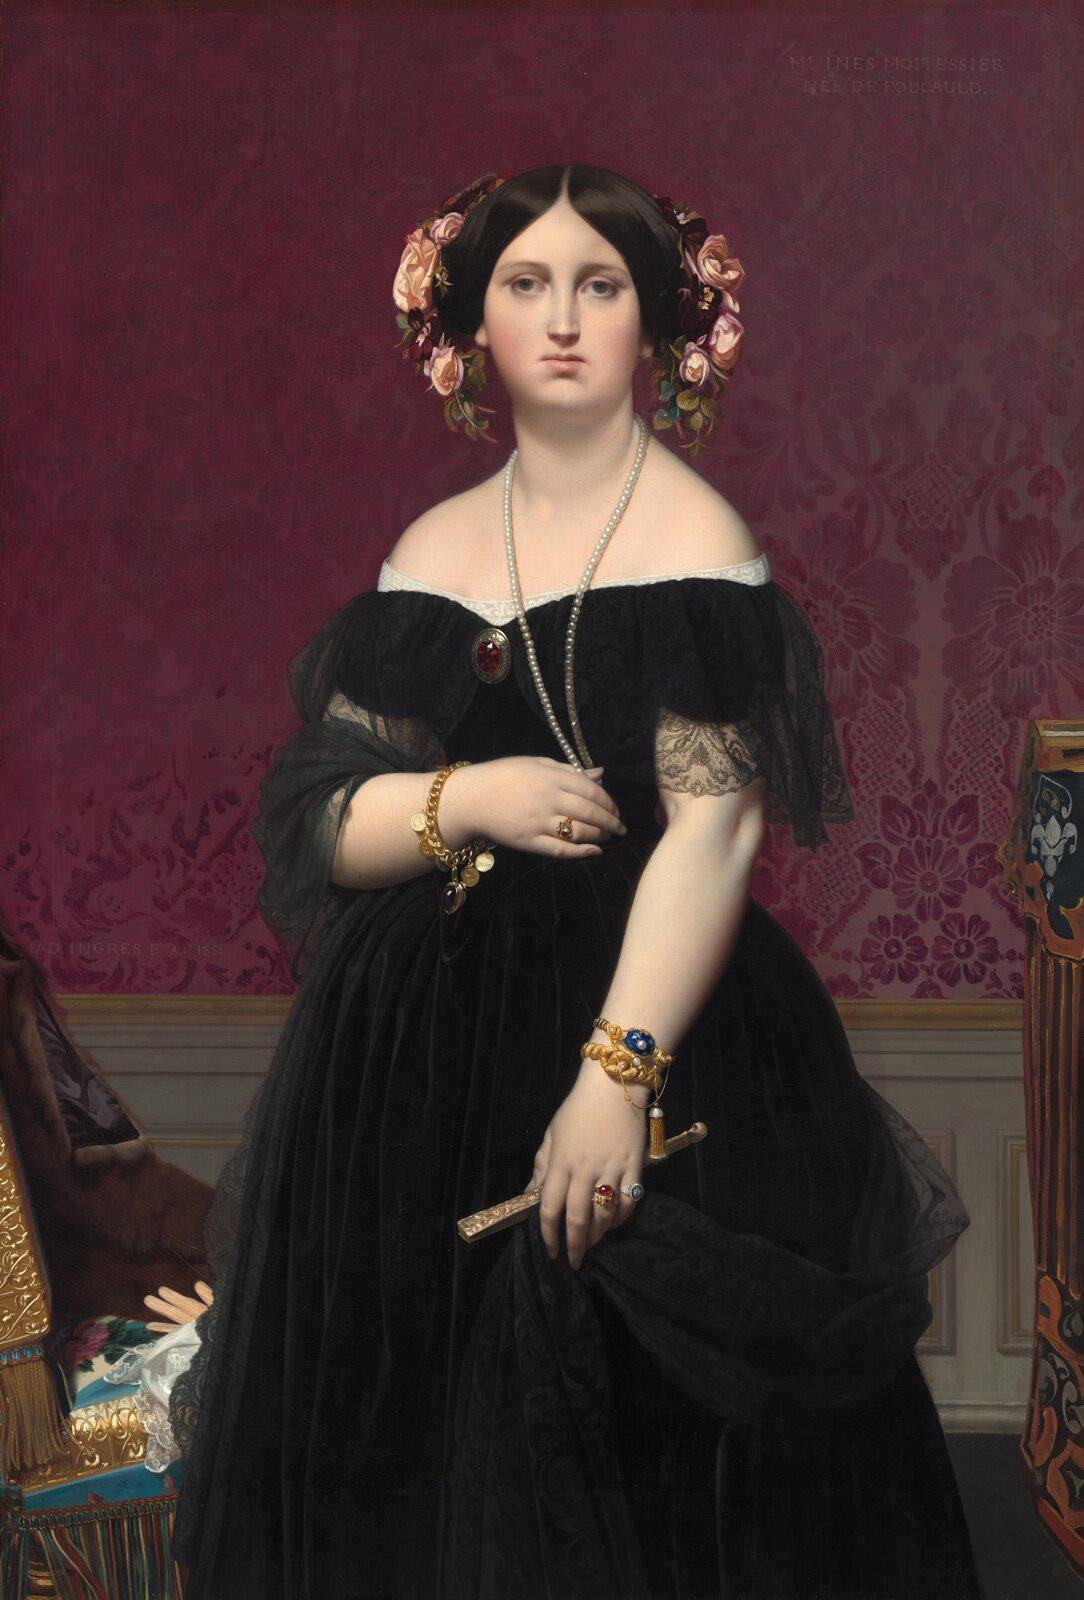 """Ilustracja przedstawia obraz olejny """"Portret Madame Moitessier"""" autorstwa Jeana-Augustea-Dominiquea Ingresa. Dzieło ukazuje damę wczarnej, koronkowej sukni zczerwoną broszką iodkrytymi ramionami. Spoglądająca zobrazu kobieta, ma ciemne, gładkie włosy zprzedziałkiem pośrodku czoła, spięte do tyłu. Zdobią je różowe kwiaty. Zszyi zwisa sznur pereł. Ręce zdobią złote bransolety. Wlewej, opuszczonej wzdłuż tułowia dłoni trzyma wachlarz. Prawa spoczywa na talii sukni. Postać ustawiona jest wpokoju, na tle ściany obitej ciemno-różową tkaniną ozdobioną kwiatowymi ornamentami. Wgłębi obrazu, artysta namalował również wystające zza kadru fragmenty mebli. Obraz skomponowany jest statycznie, postać kobiety znajduje się wjego centrum."""